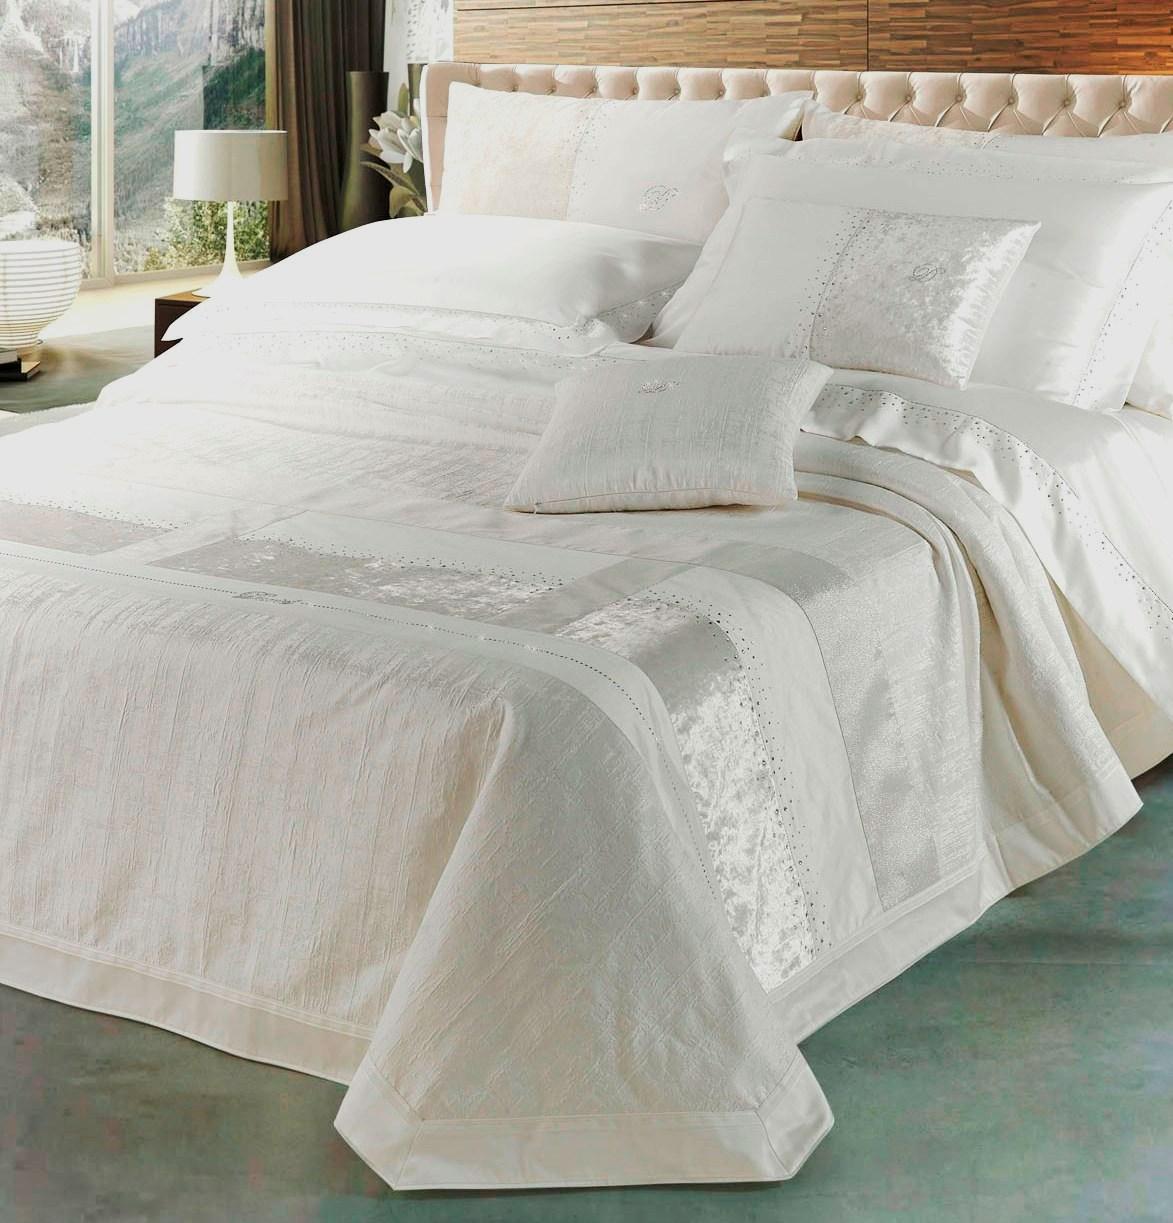 Aurora coordinato letto david home moderni luxury e - Biancheria casa lusso ...